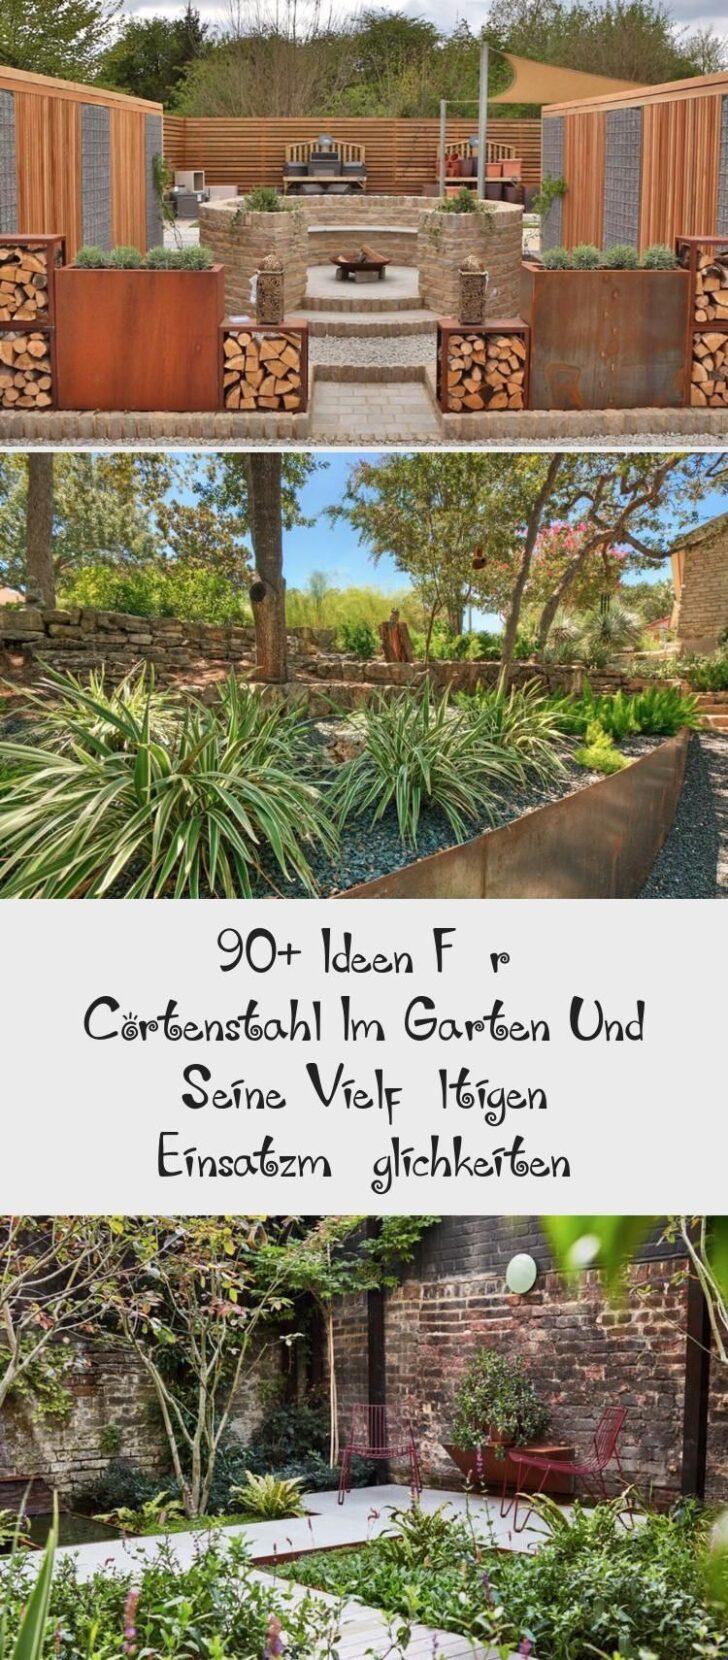 Medium Size of Ber 90 Ideen Fr Cortenstahl Im Garten Und Seine Vielfltigen Wohnzimmer Holzlege Cortenstahl